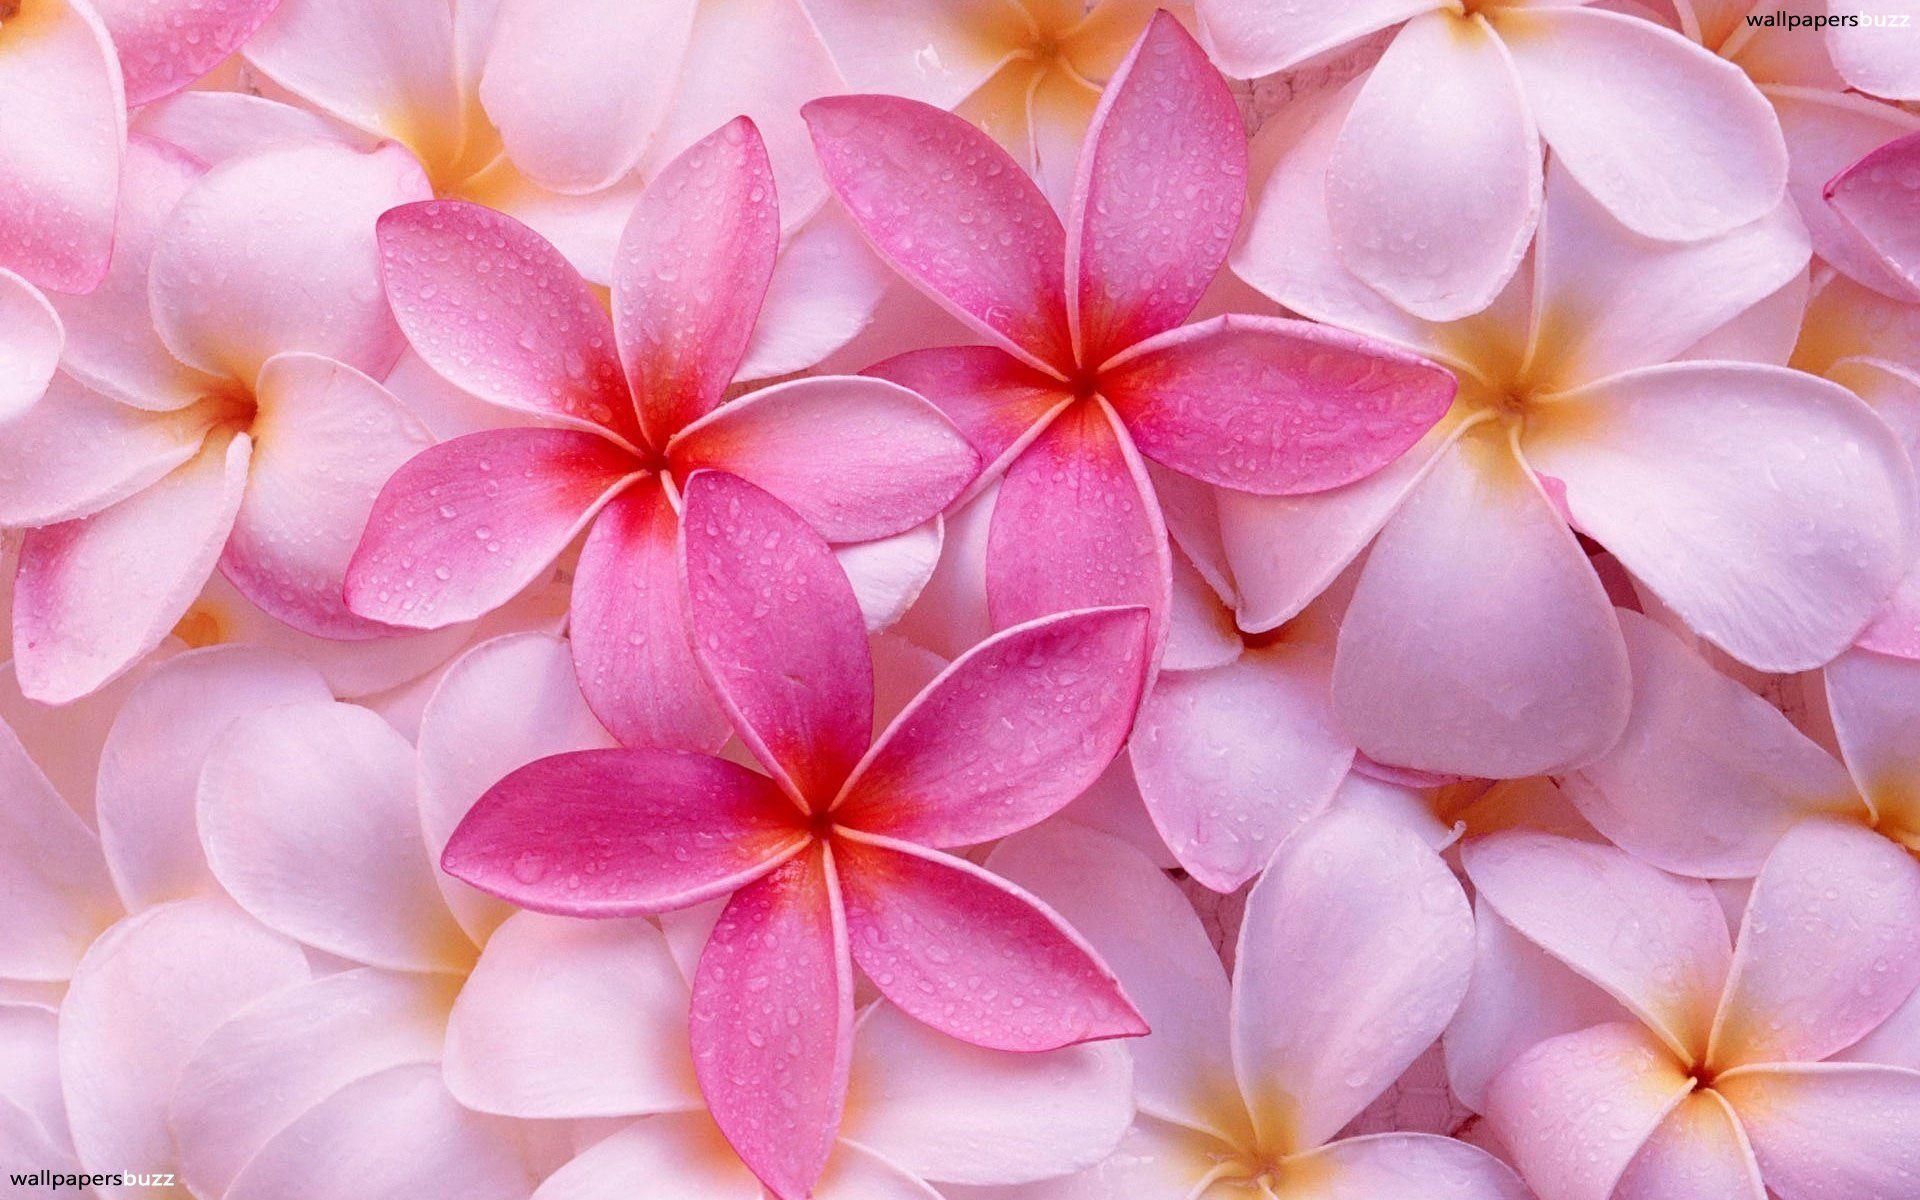 Light pink flower wallpapers wallpaper cave flowers for light pink flowers wallpaper mightylinksfo